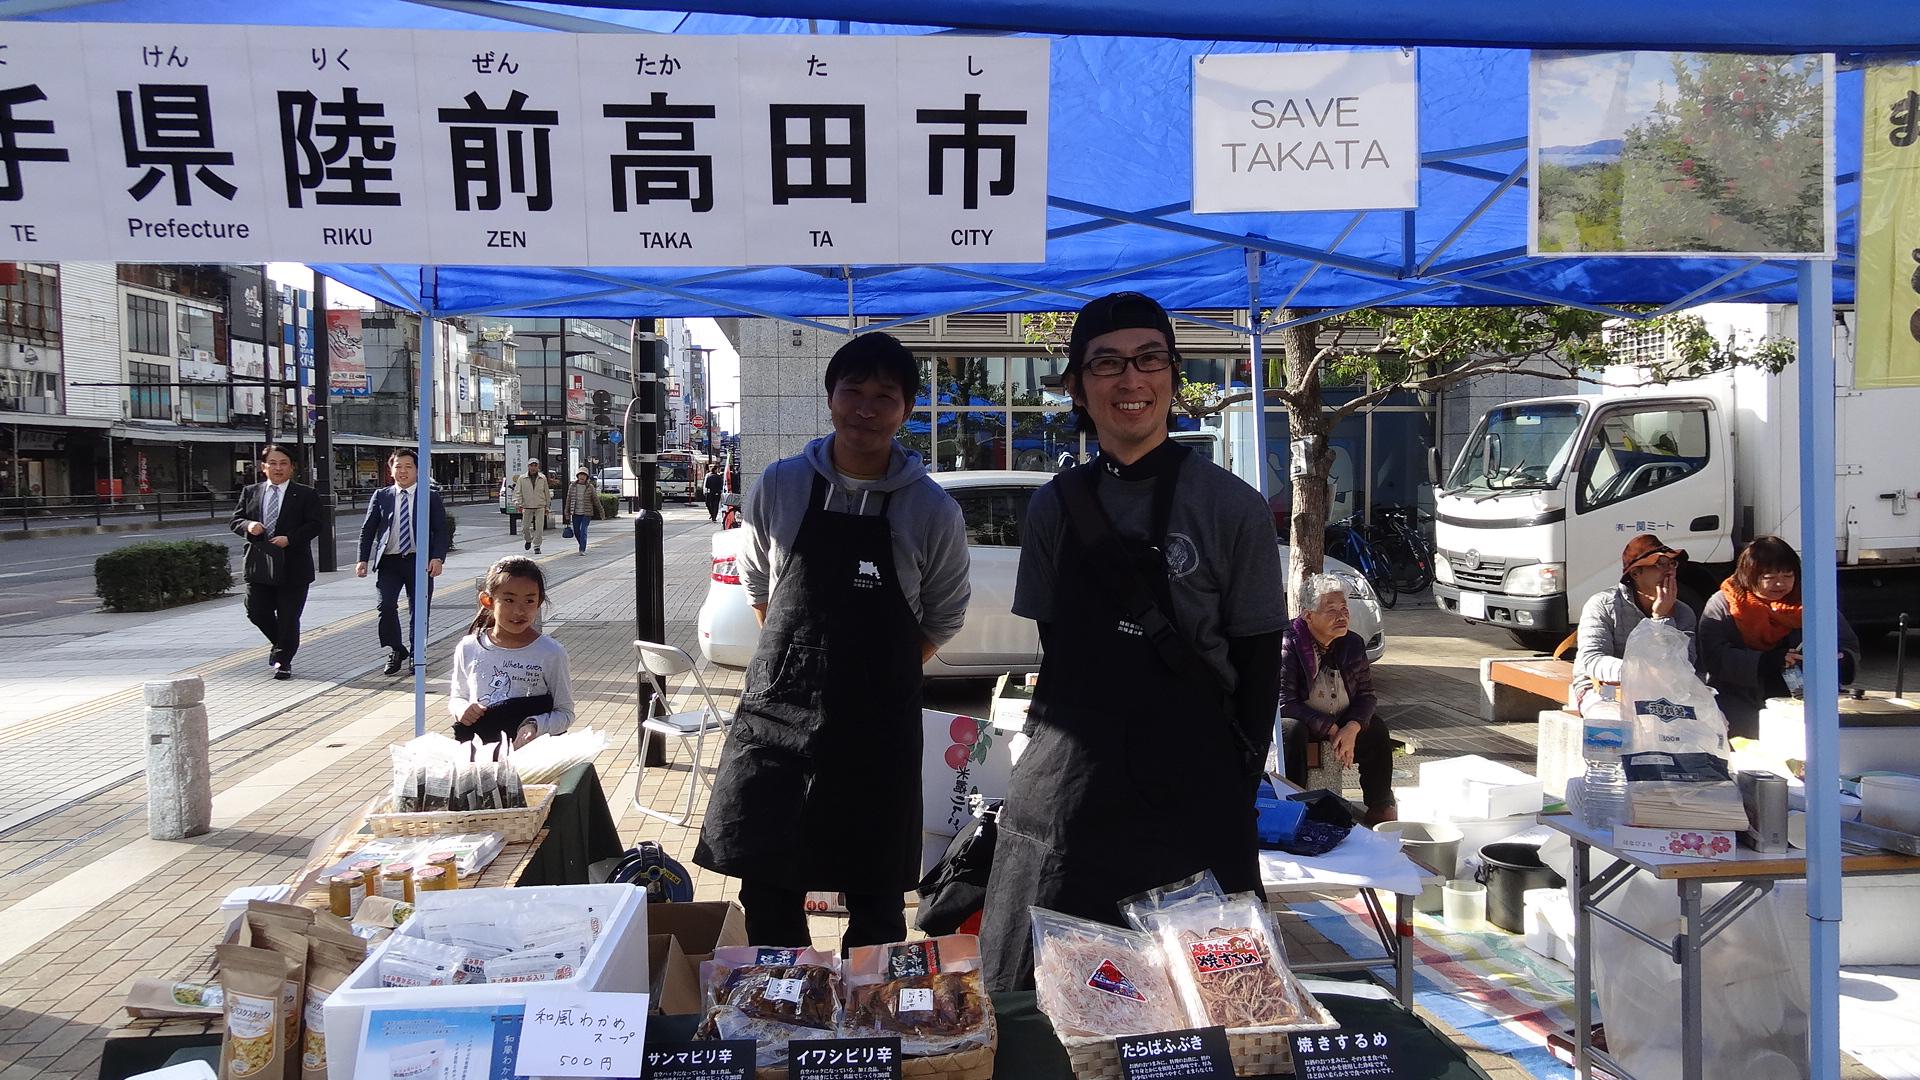 SAVE TAKATAさんのブース、りんごや海鮮お焼きが好評でした!